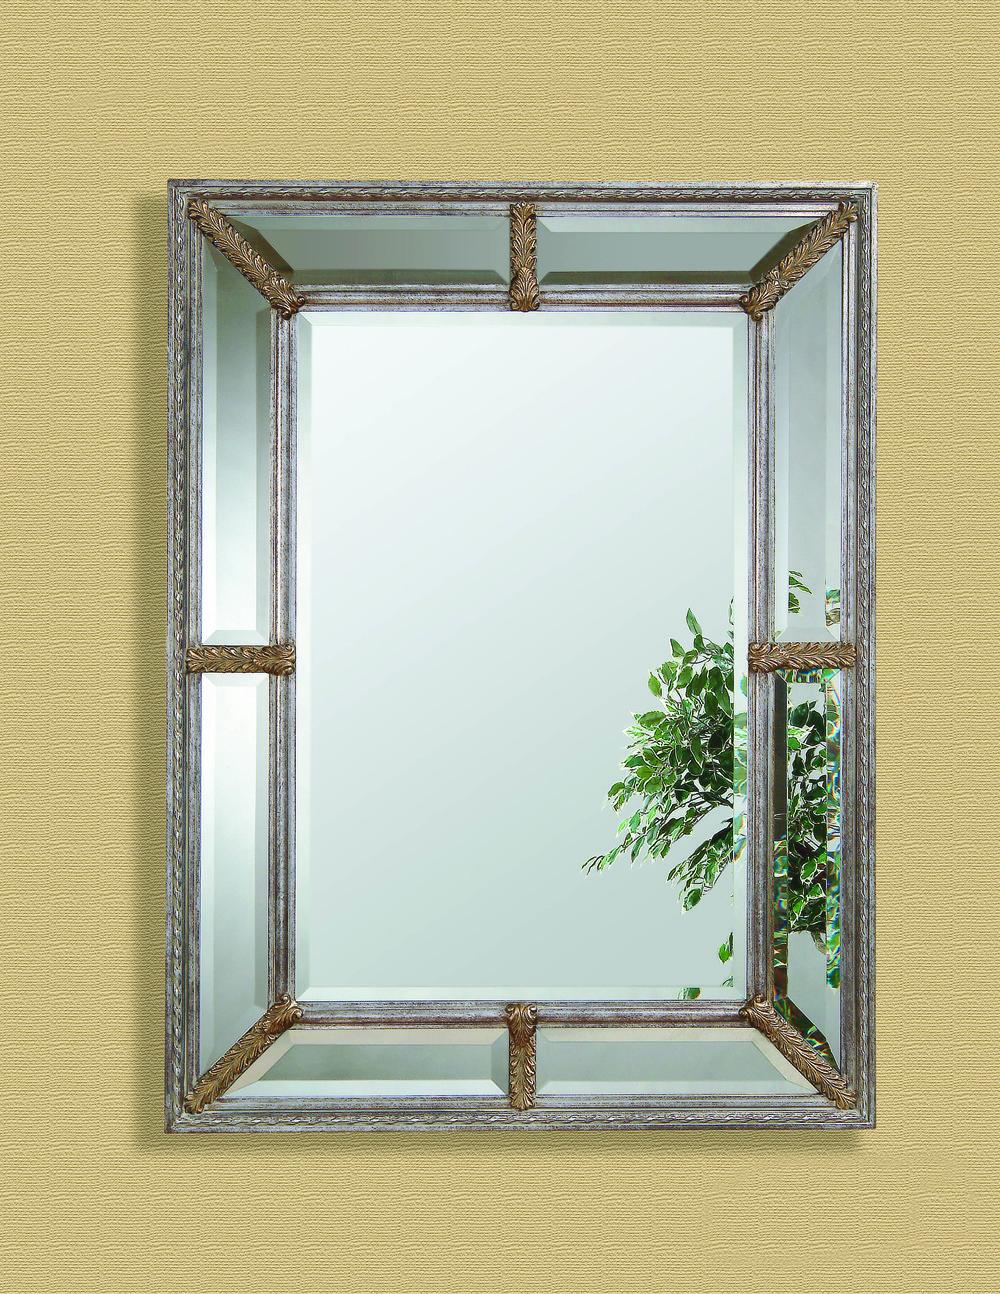 Bassett Mirror Company - Roma Wall Mirror